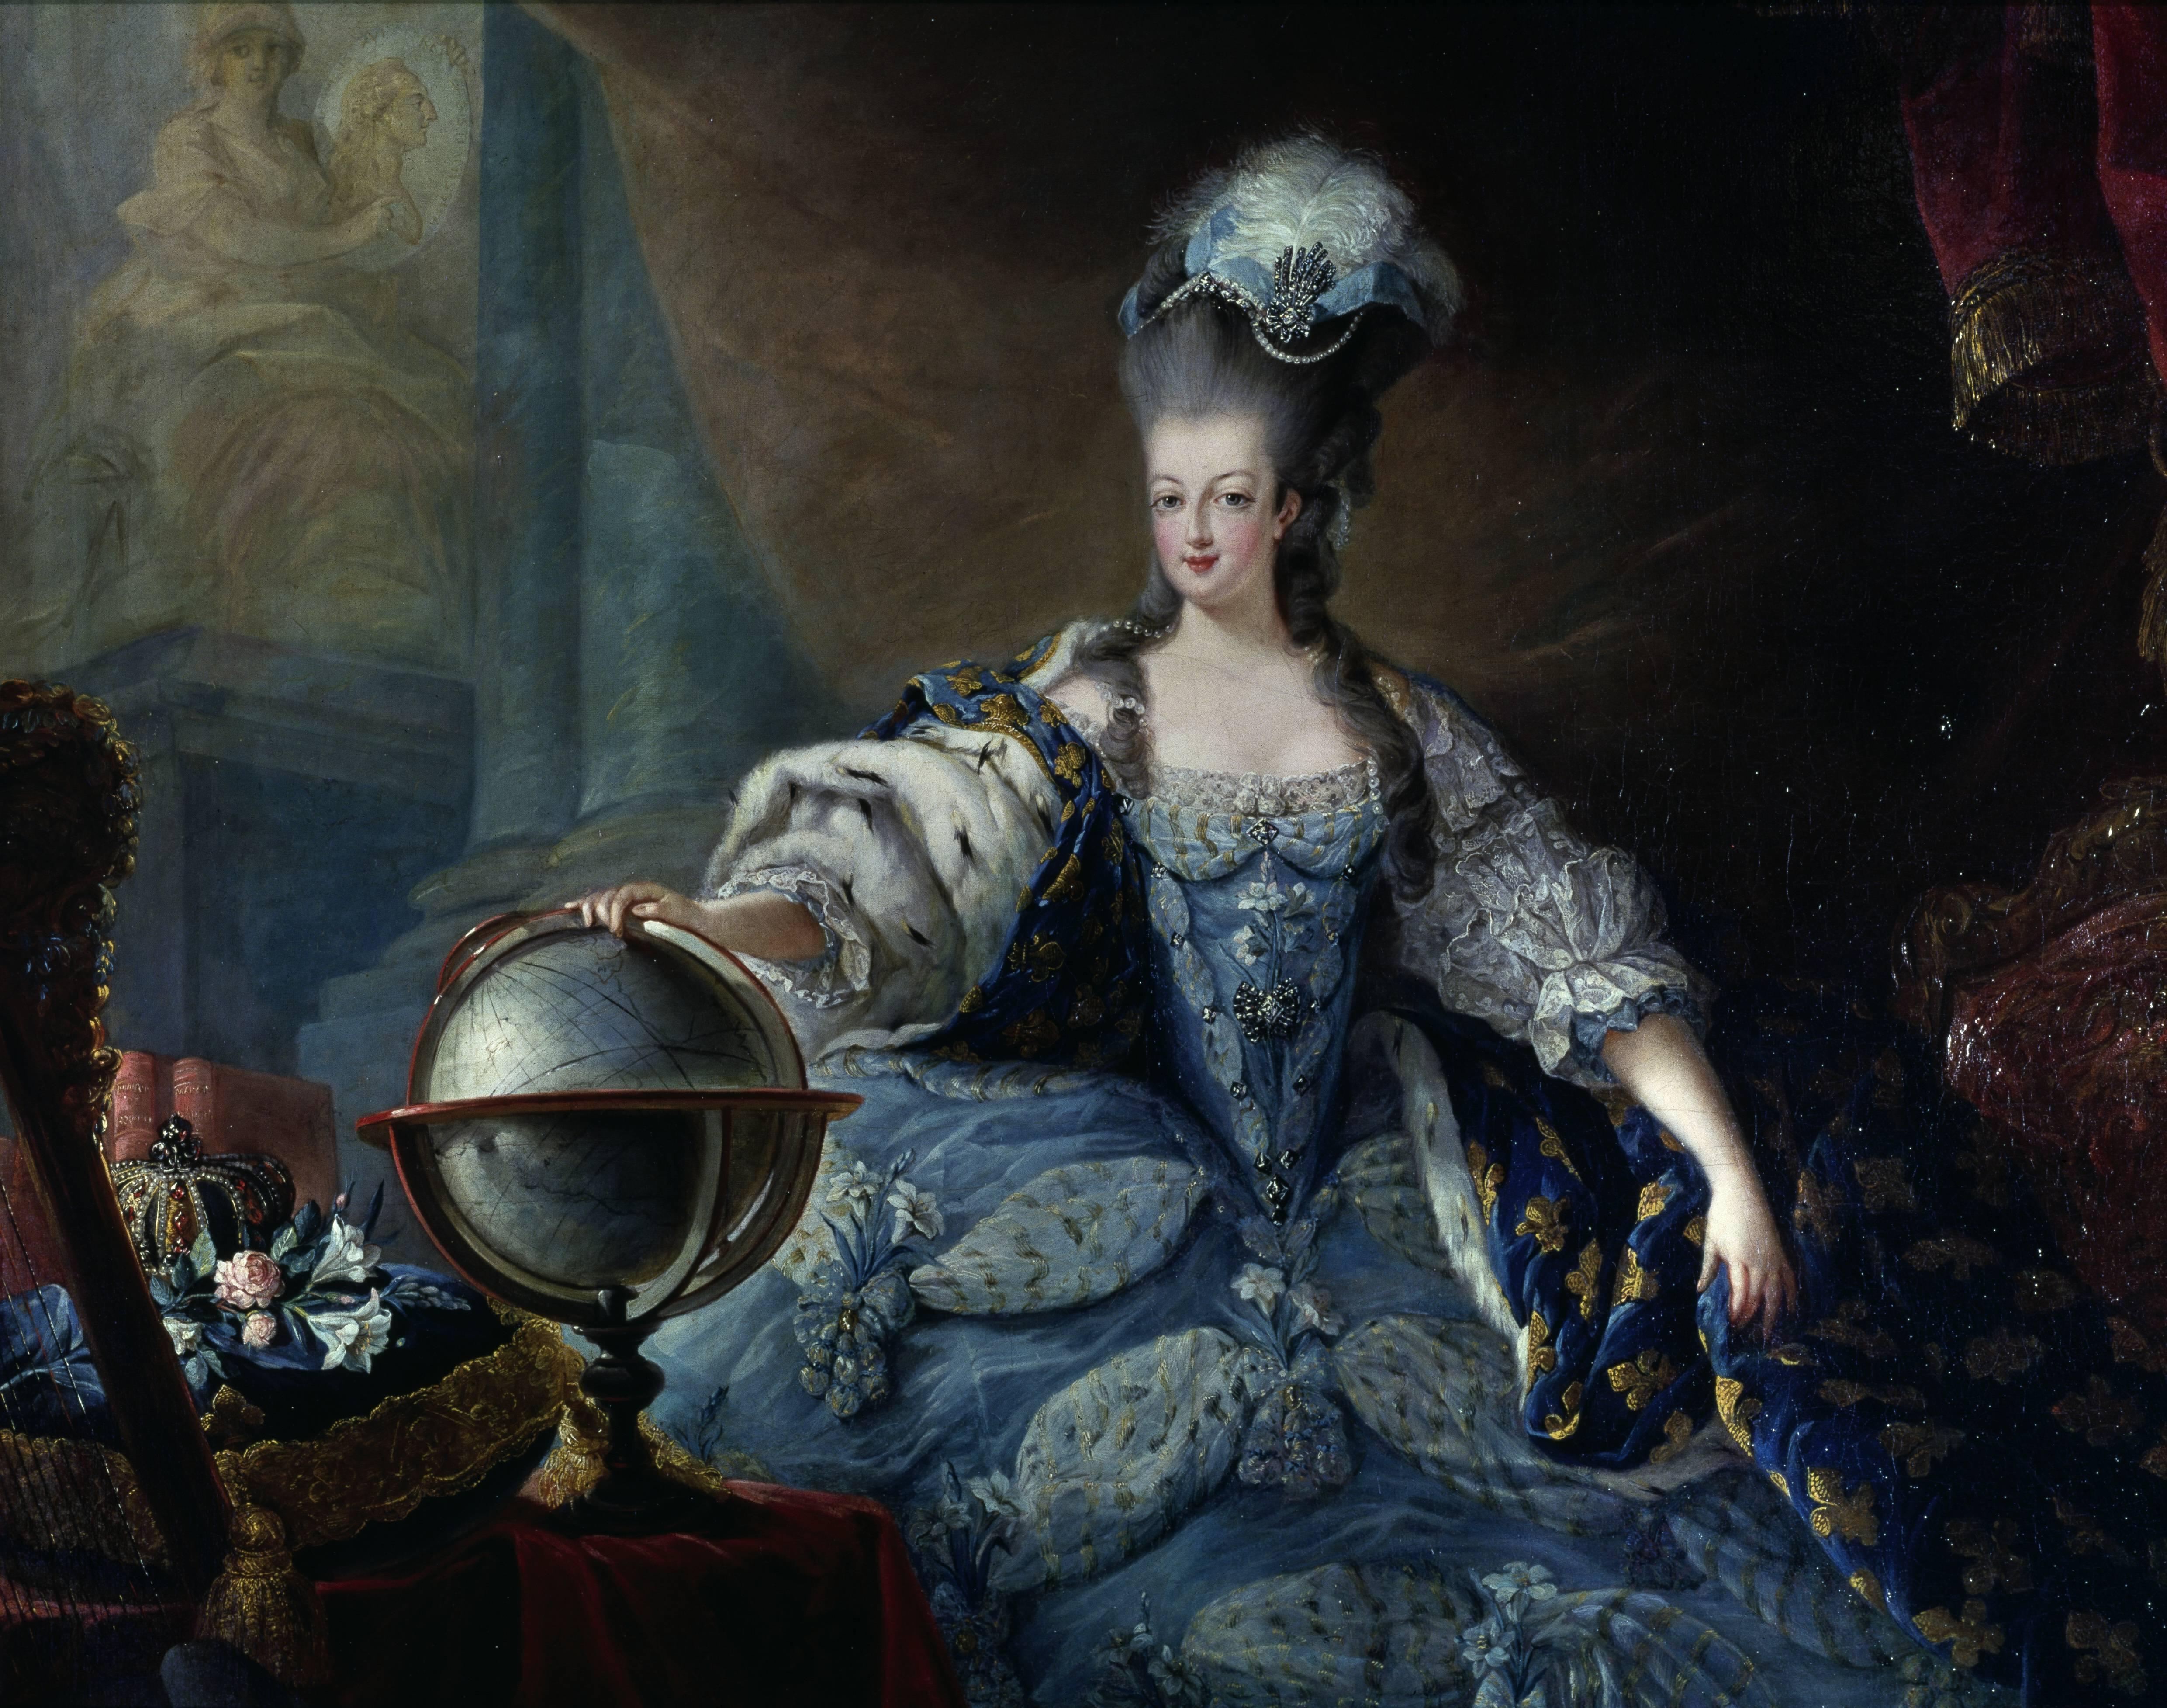 Königin Marie-Antoinette: Ihr Schmuck wird versteigert